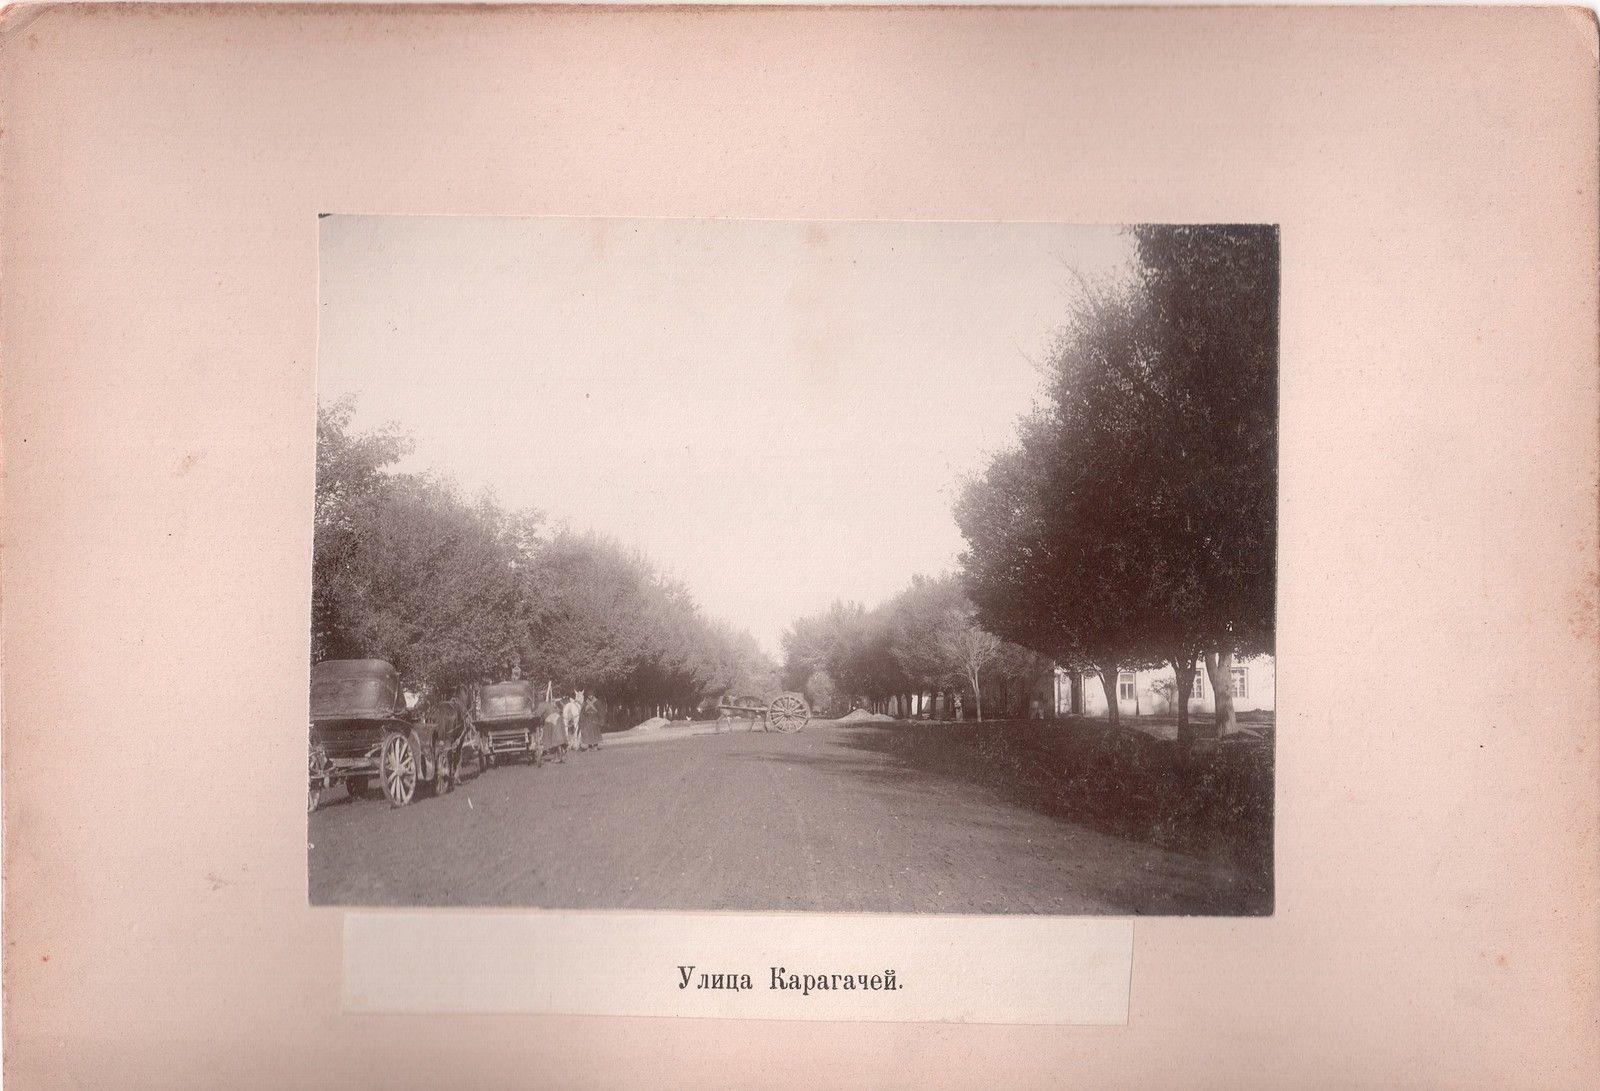 Улица Караначей